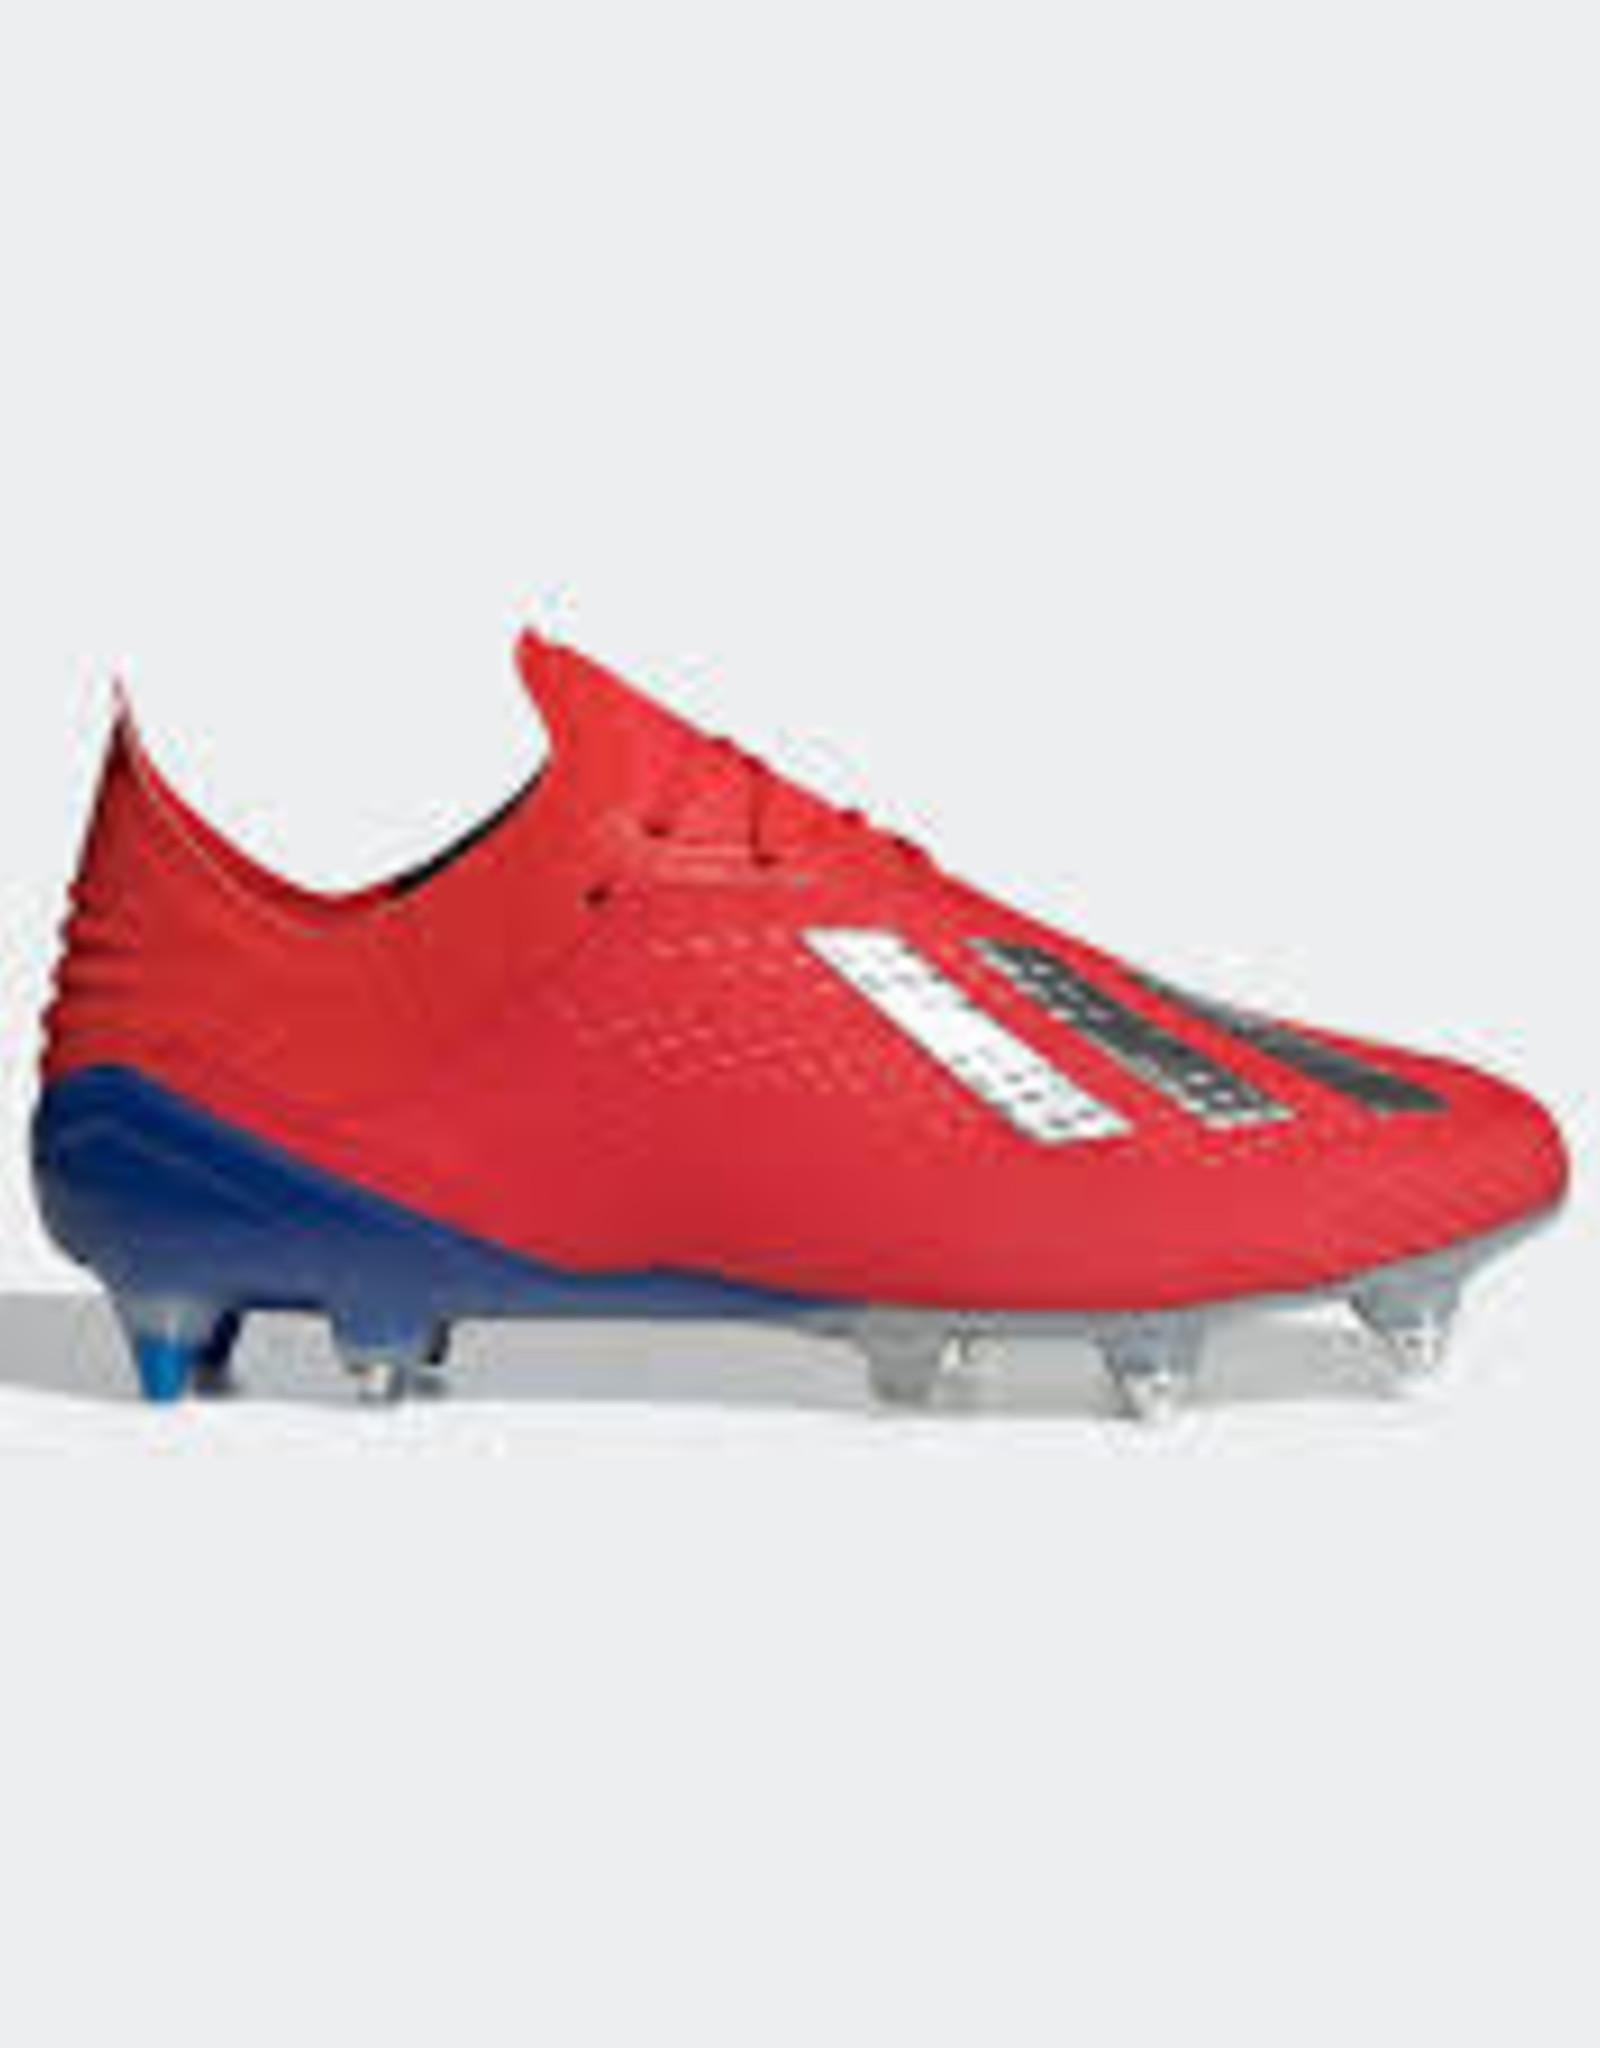 Adidas  X 18.1 SG